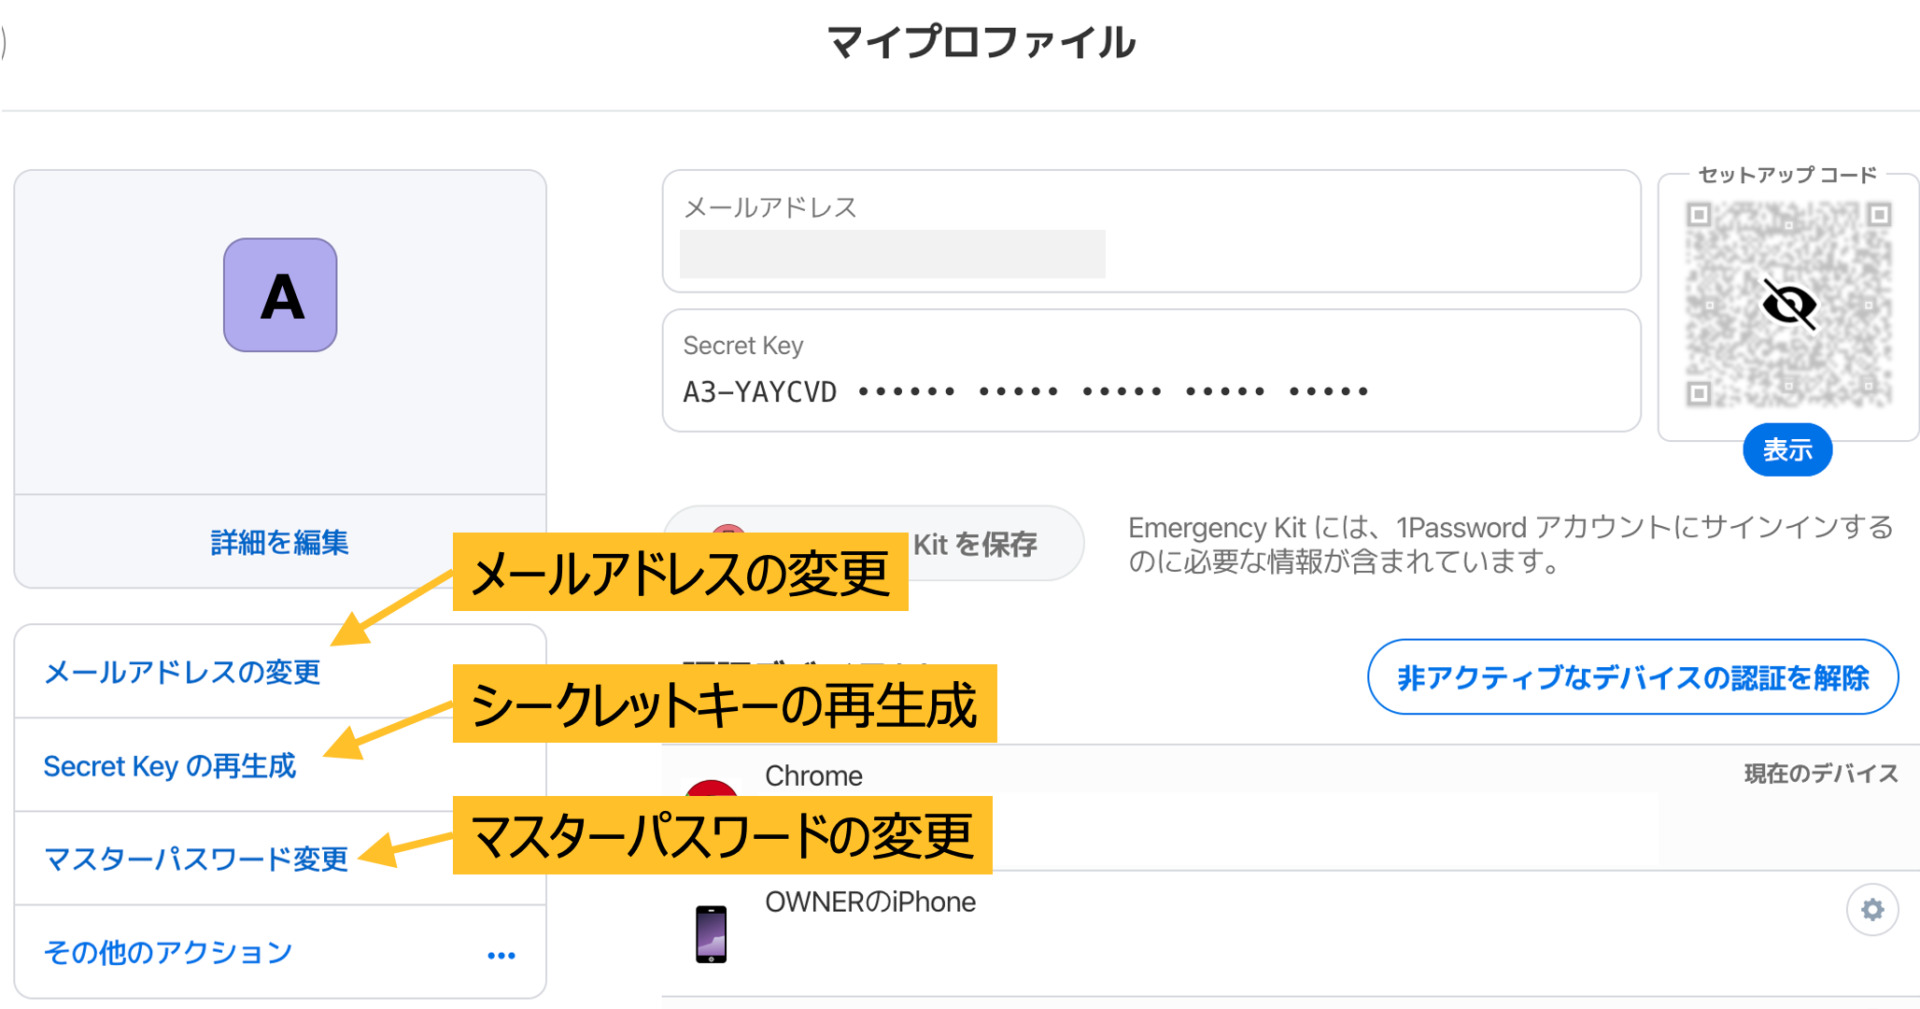 マイプロファイル画面4